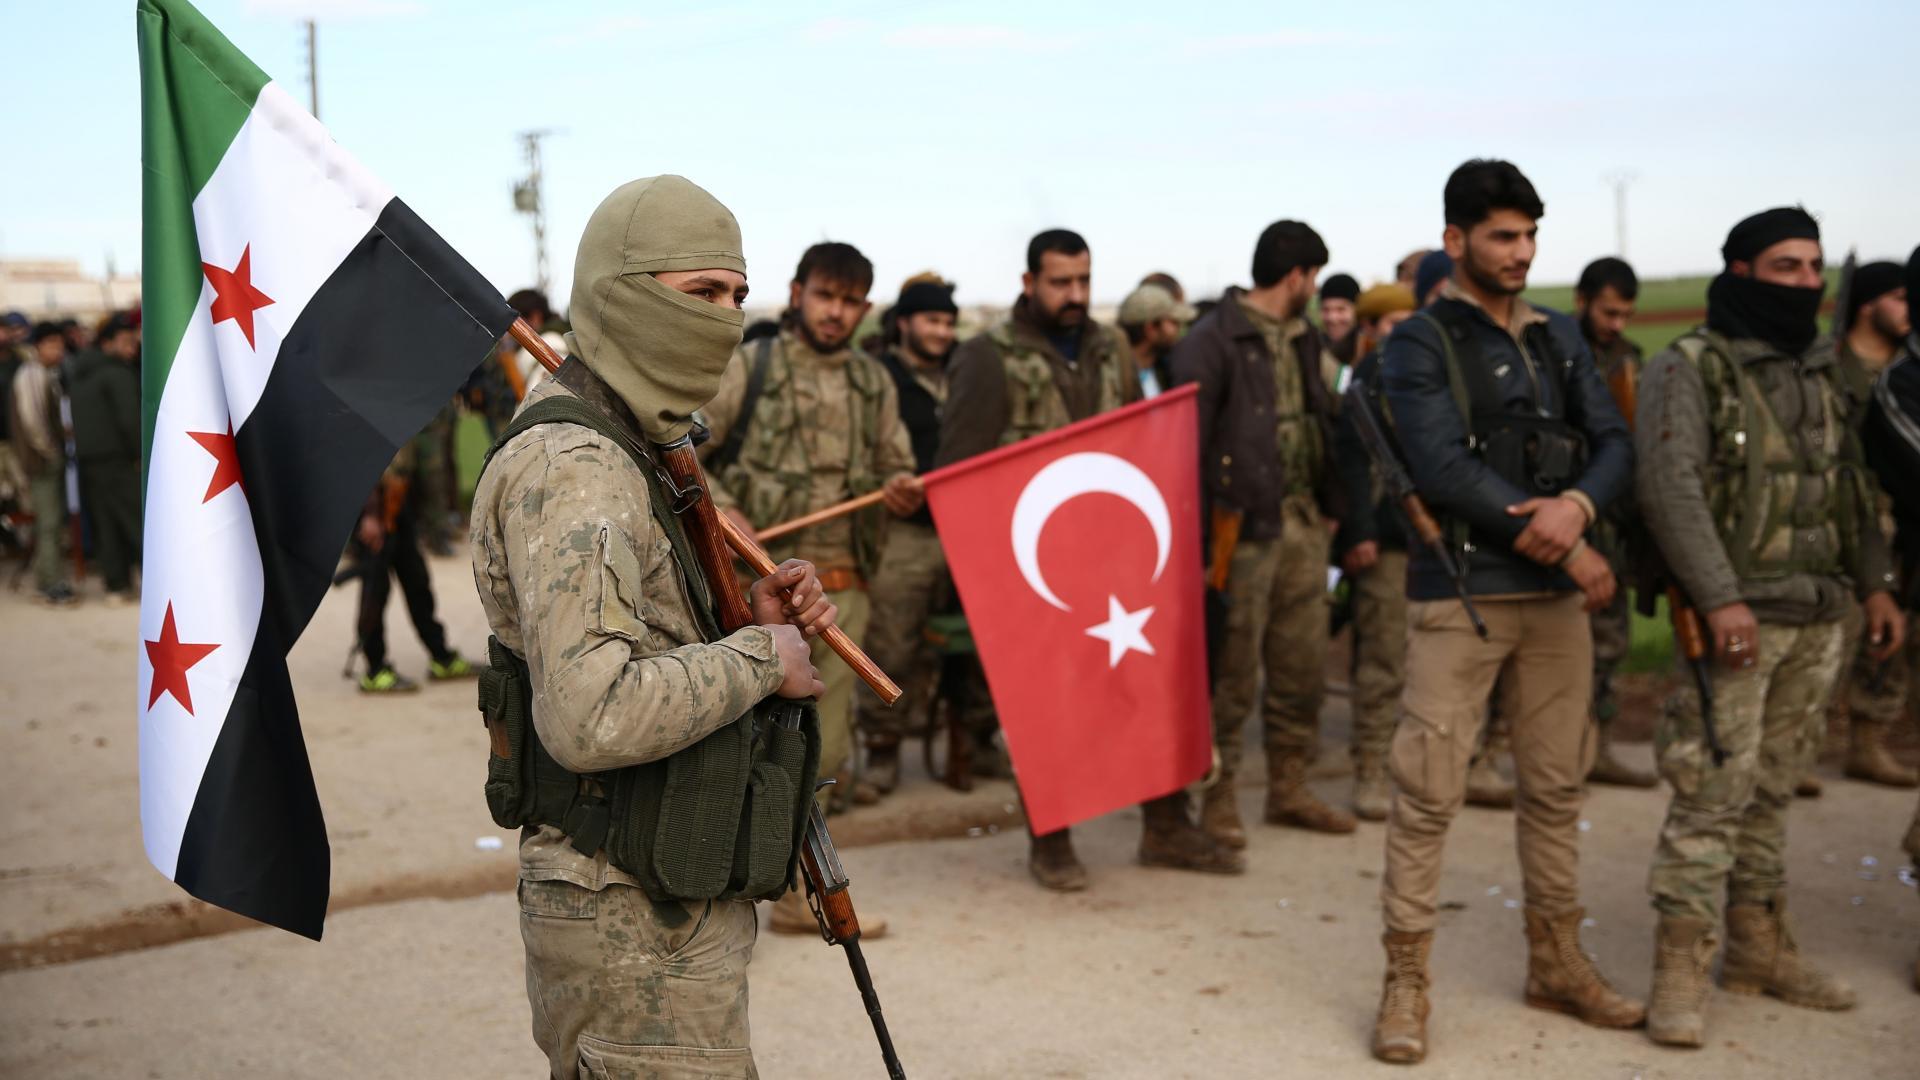 بريطانيا تعلن موقفها من العملية العسكرية المرتقبة لتركيا في سوريا